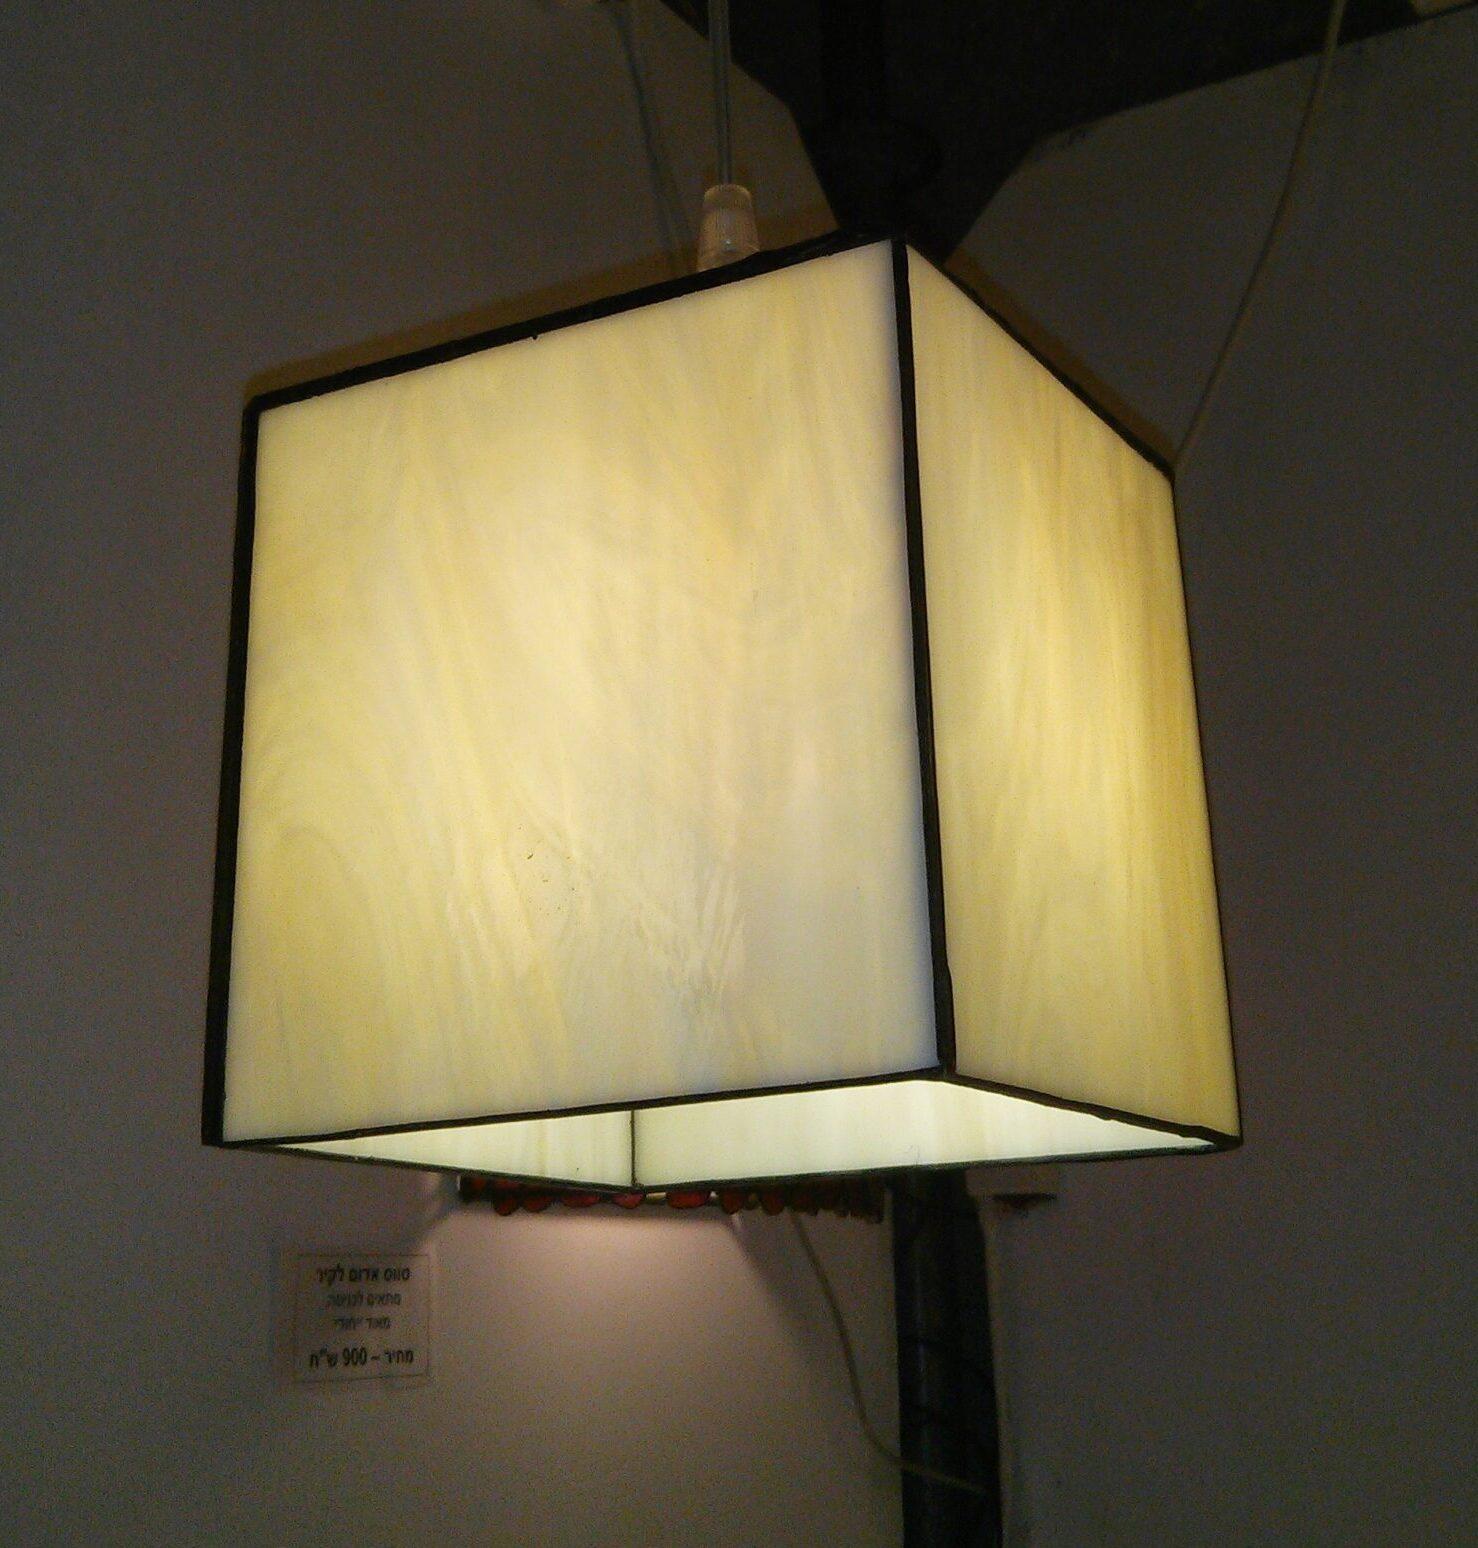 מנורת ויטראז טיפאני לתלייה ריבוע